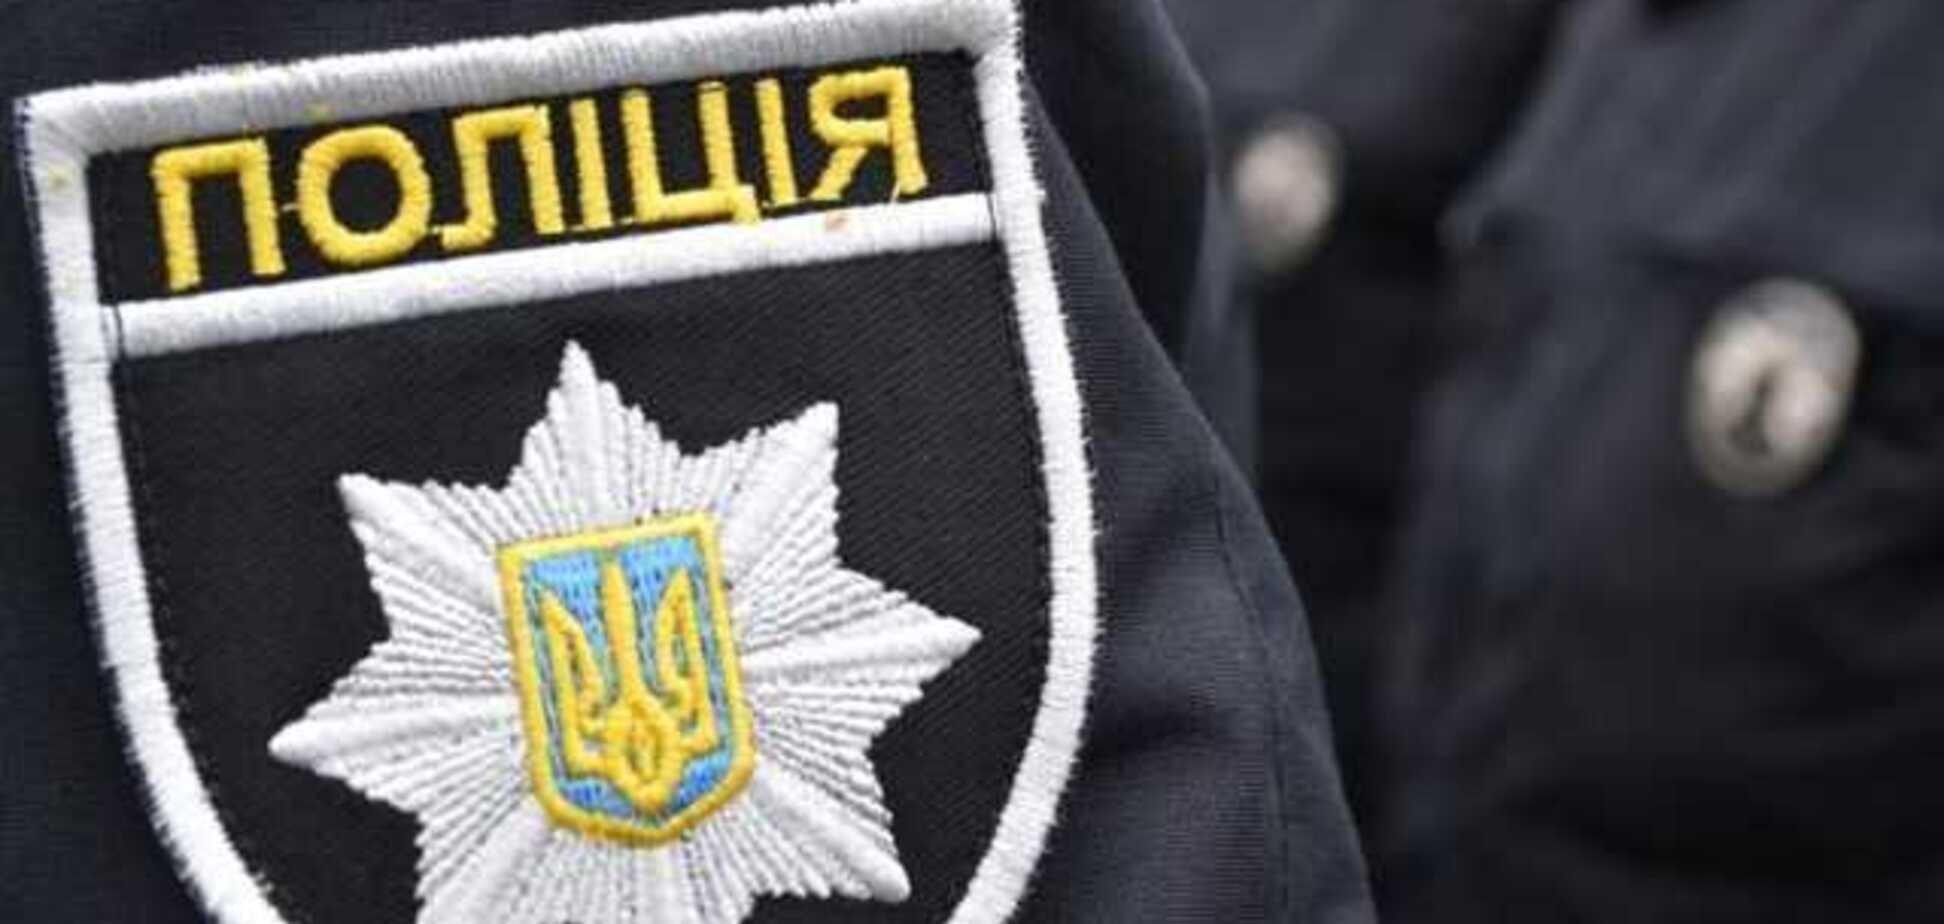 На Київщині відбулося два аналогічні самогубства: що відомо